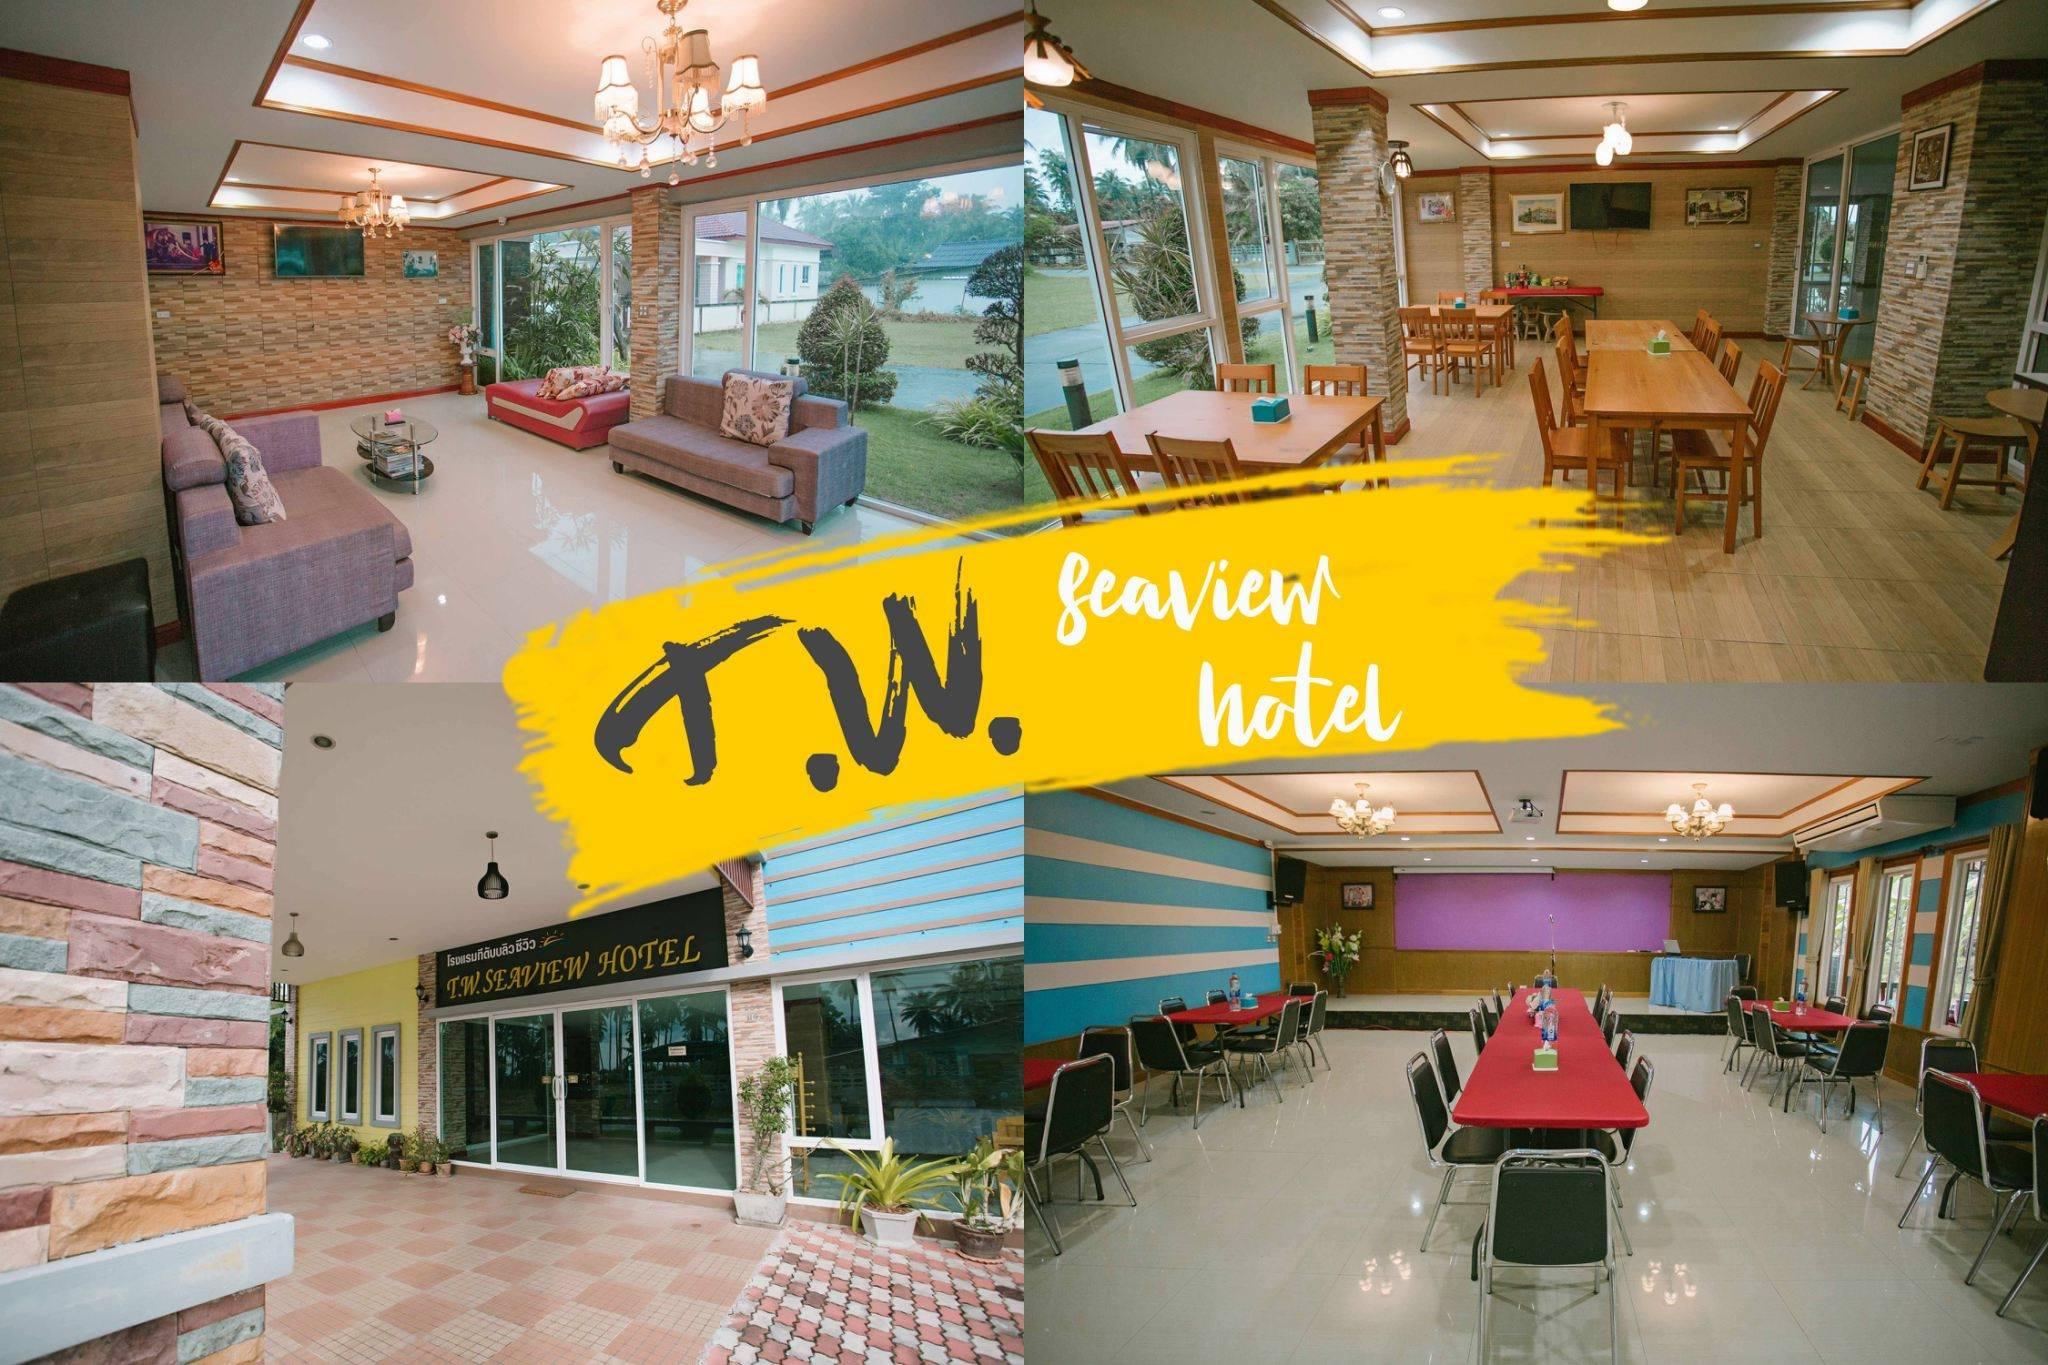 4.-โรงแรม-T.W.Seaview-Hotel-at-ท่าศาลา-โรงแรมใหญ่กับห้องพักหลากหลายทั้งยังมีห้องประชุม-ห้องสังสรรค์-ห้องจัดเลี้ยง-โรงแรมตั้งอยู่ที่โค้งในถุ้ง-ท่าศาลาครับ-มีห้องพักมากกว่า-40-ห้อง-สะอาด-สบาย-น่าพัก-มี-3-ประเภท-เตียงคู่-800-เตียงเดี่ยว-600-ห้องแฟมิลี่-1500-ตอนเช้าจะมีขนมปังปิ้งกับชากาแฟให้ด้วย-ถือว่าเป็นโรงแรมที่เงียบสงบ-สบาย-น่าพักผ่อนมาก ติดต่อสอบถาม-โทร-:-075-355179-หรือ-087-2746471 Fanpage-:-T.W.-Seaview-Hotel-โรงแรมทีดับบลิว-ซีวิว- ที่พัก,นครศรีธรรมราช,โรมแรม,รีสอร์ท,อพาร์ทเม้นต์,กลางเมือง,ห้องพัก,วิวหลักล้าน,คาเฟ่